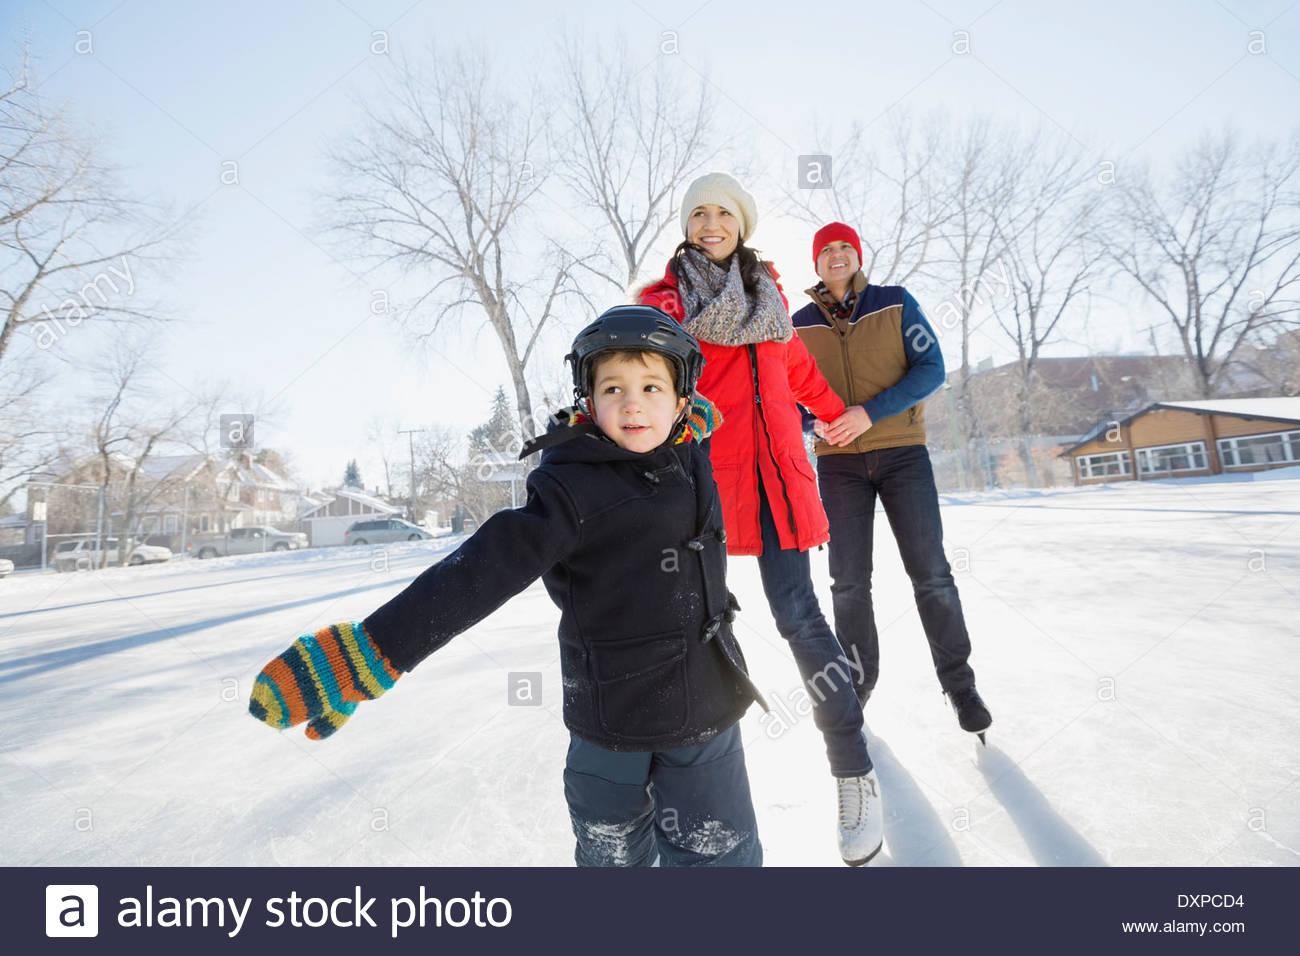 Boy ice-skating avec les parents sur une patinoire extérieure Banque D'Images